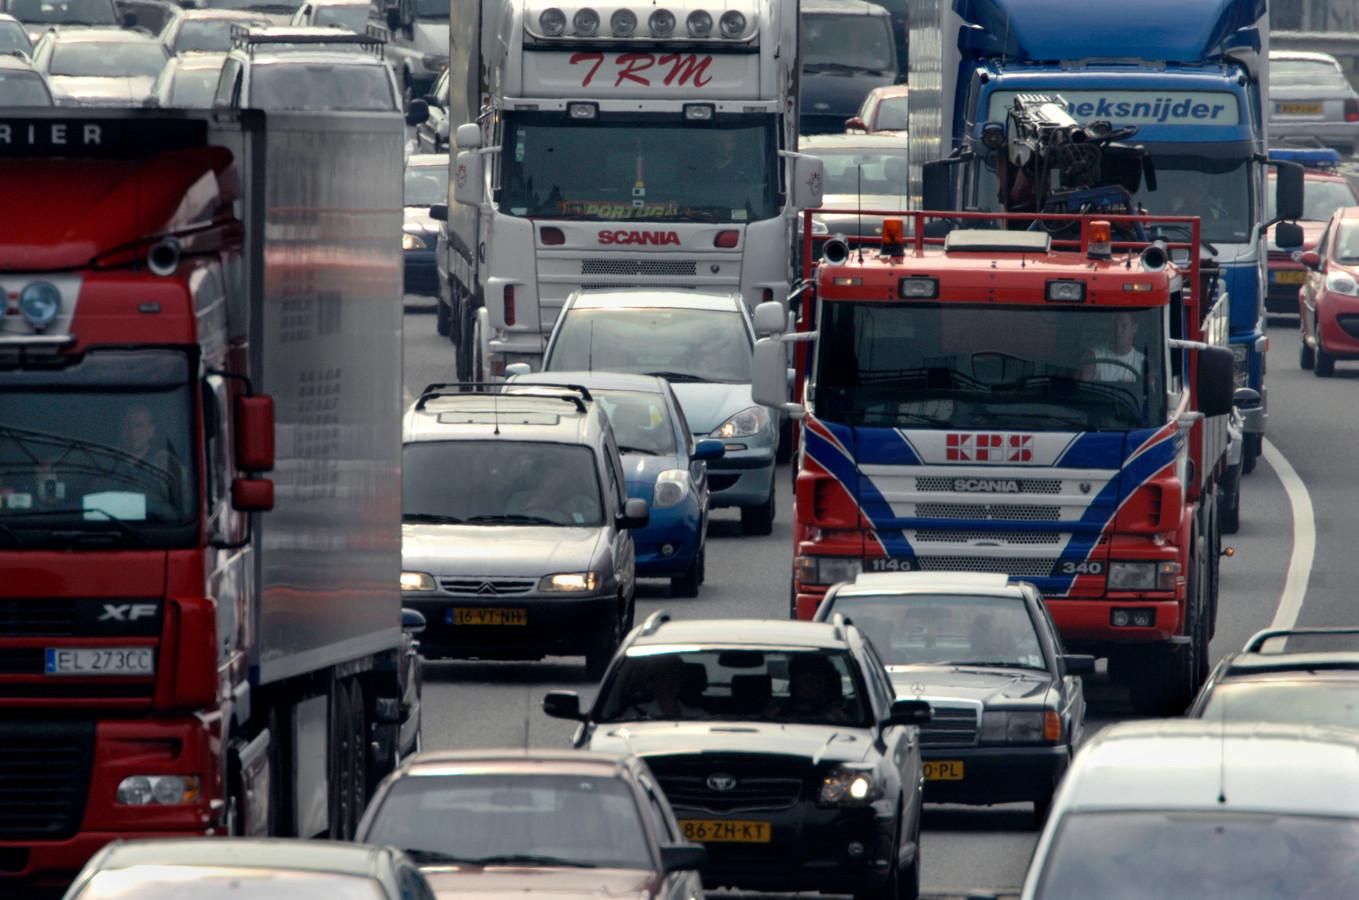 Dagelijks 290 vrachtwagens en bestelauto's in de spit op Brabantse wegen. 23 Brabantse bedrijven hebben dat weten te realiseren.